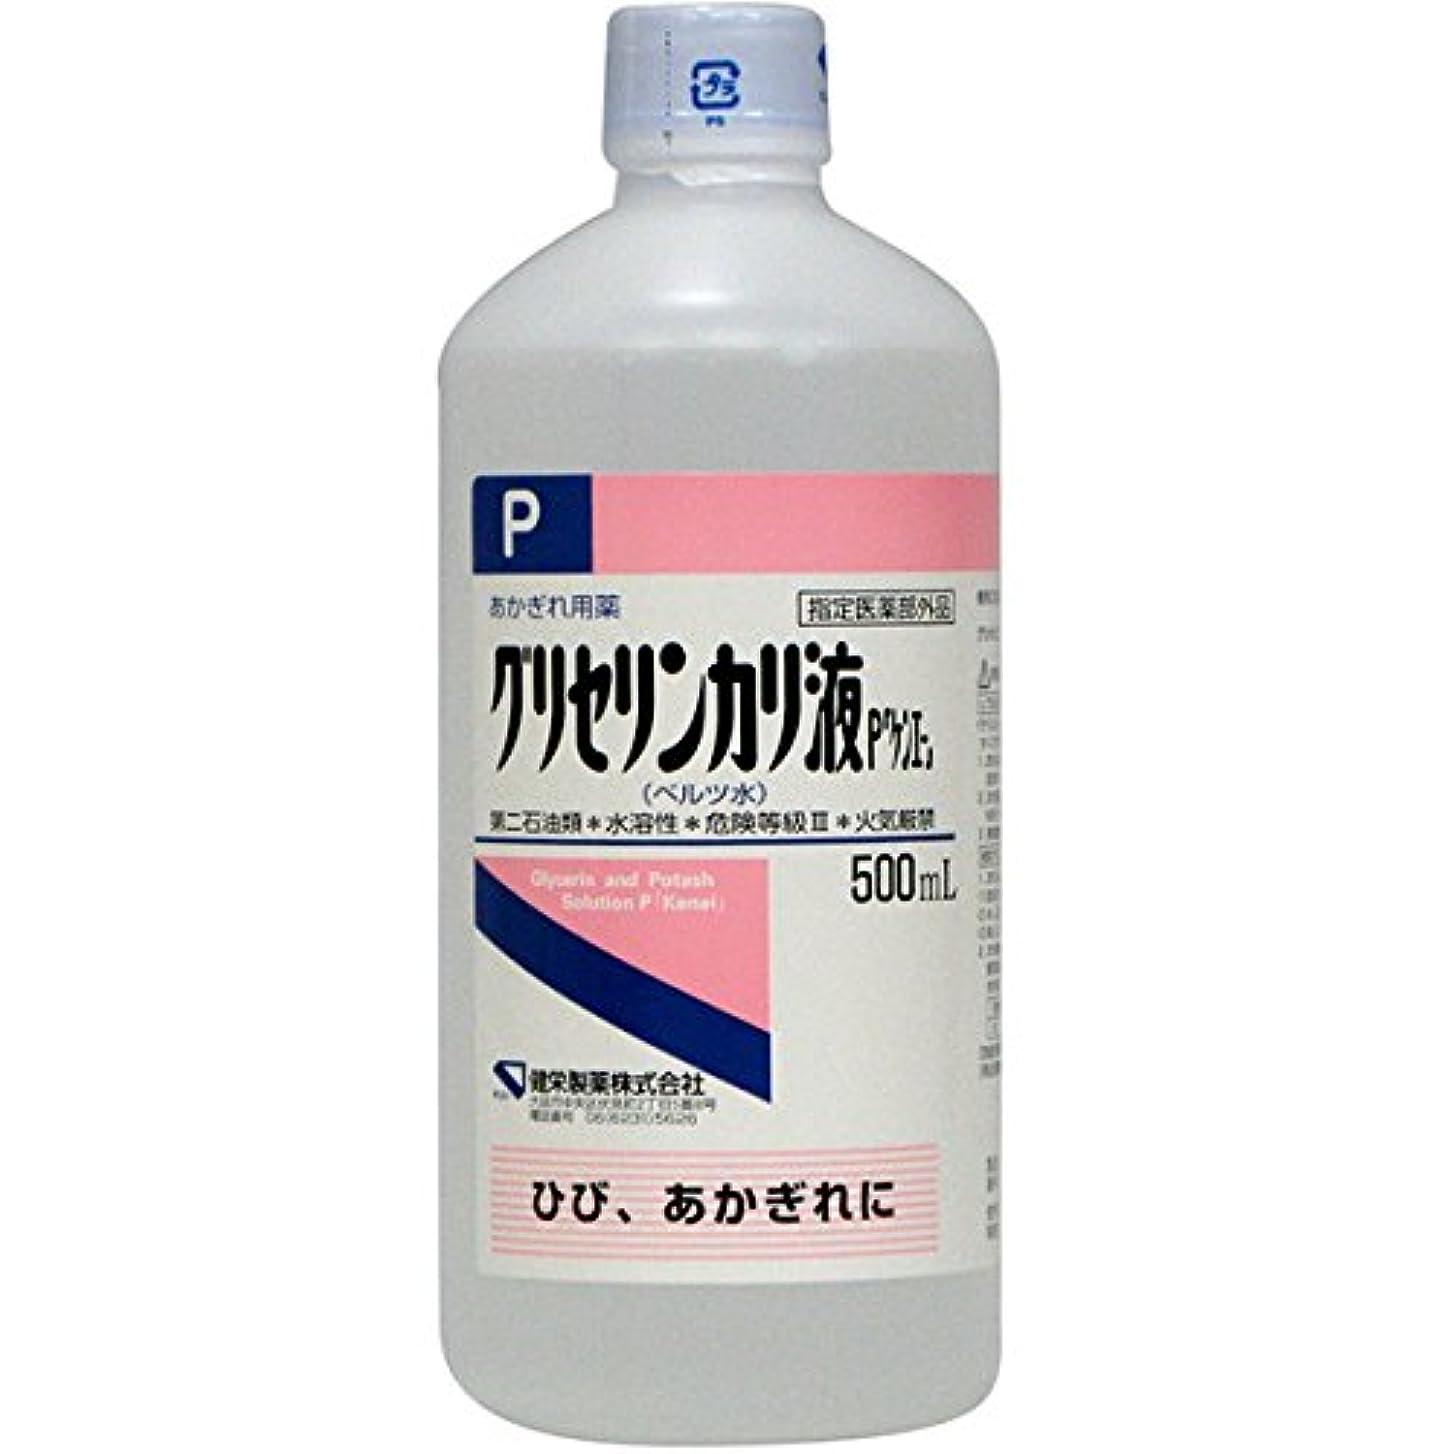 分割付与容器健栄製薬 グリセリンカリ液 ベルツ水 500ml